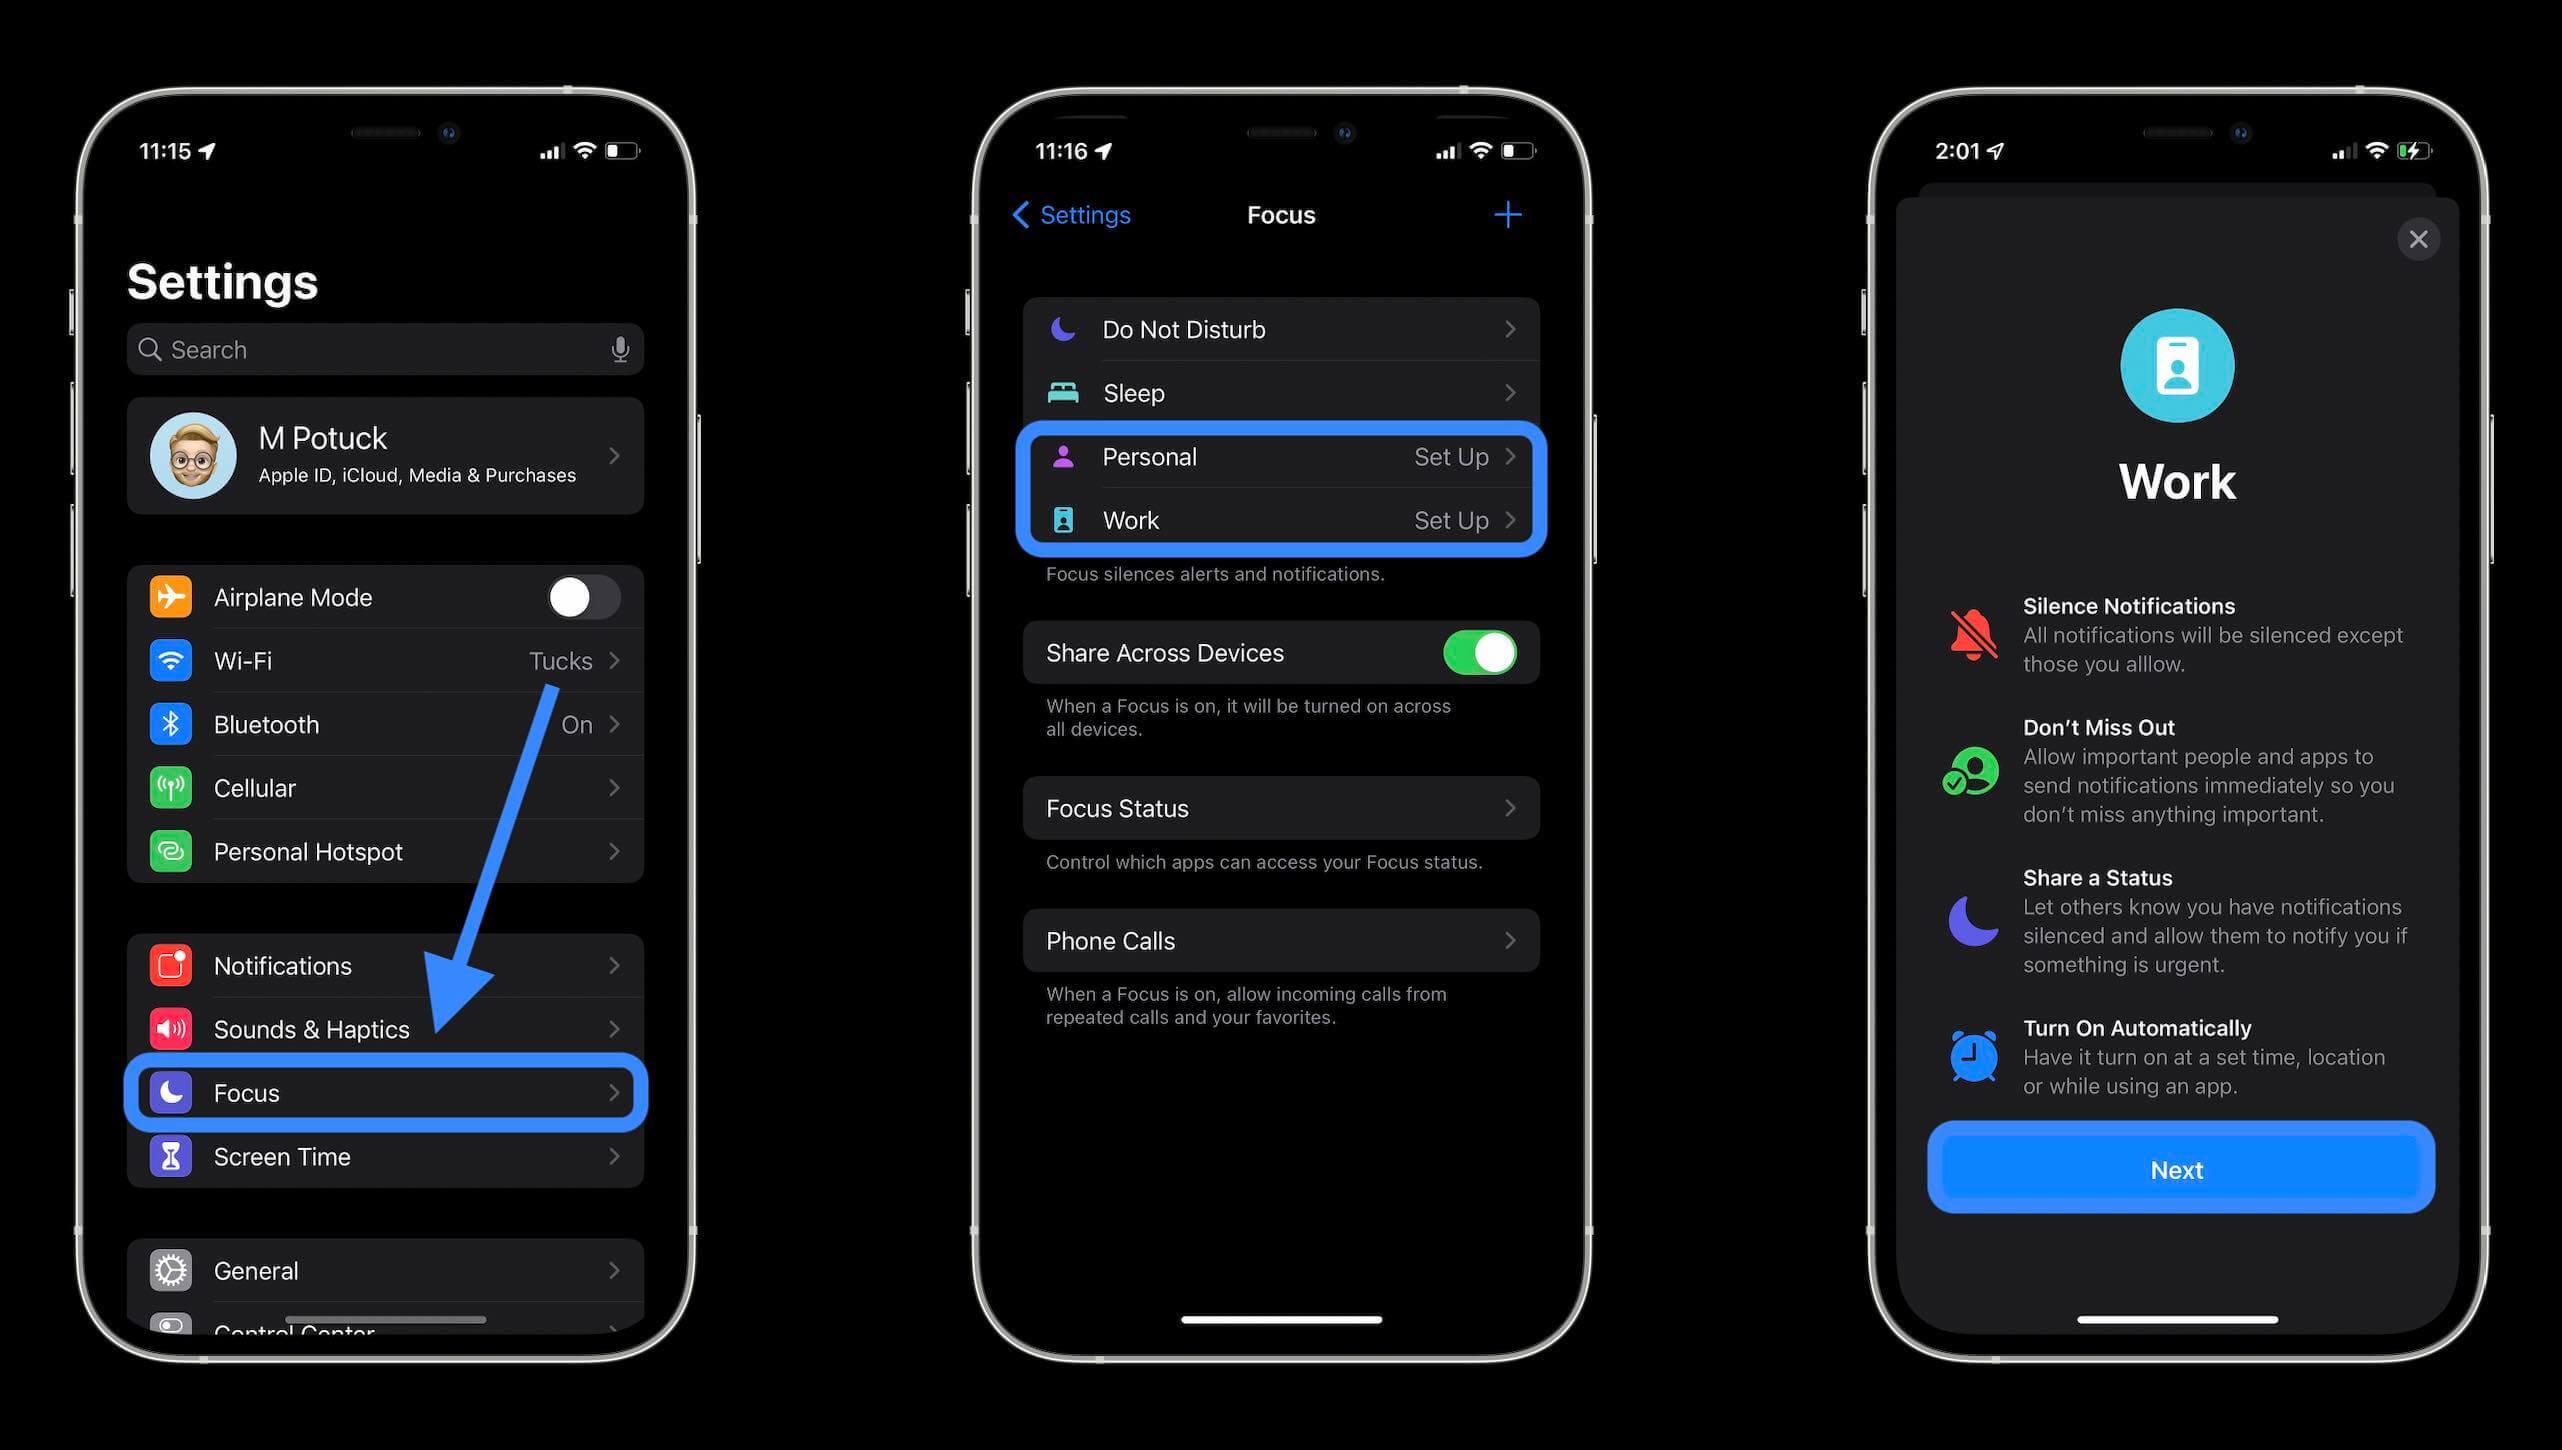 Как работает режим Фокус в iOS 15 и зачем он нужен